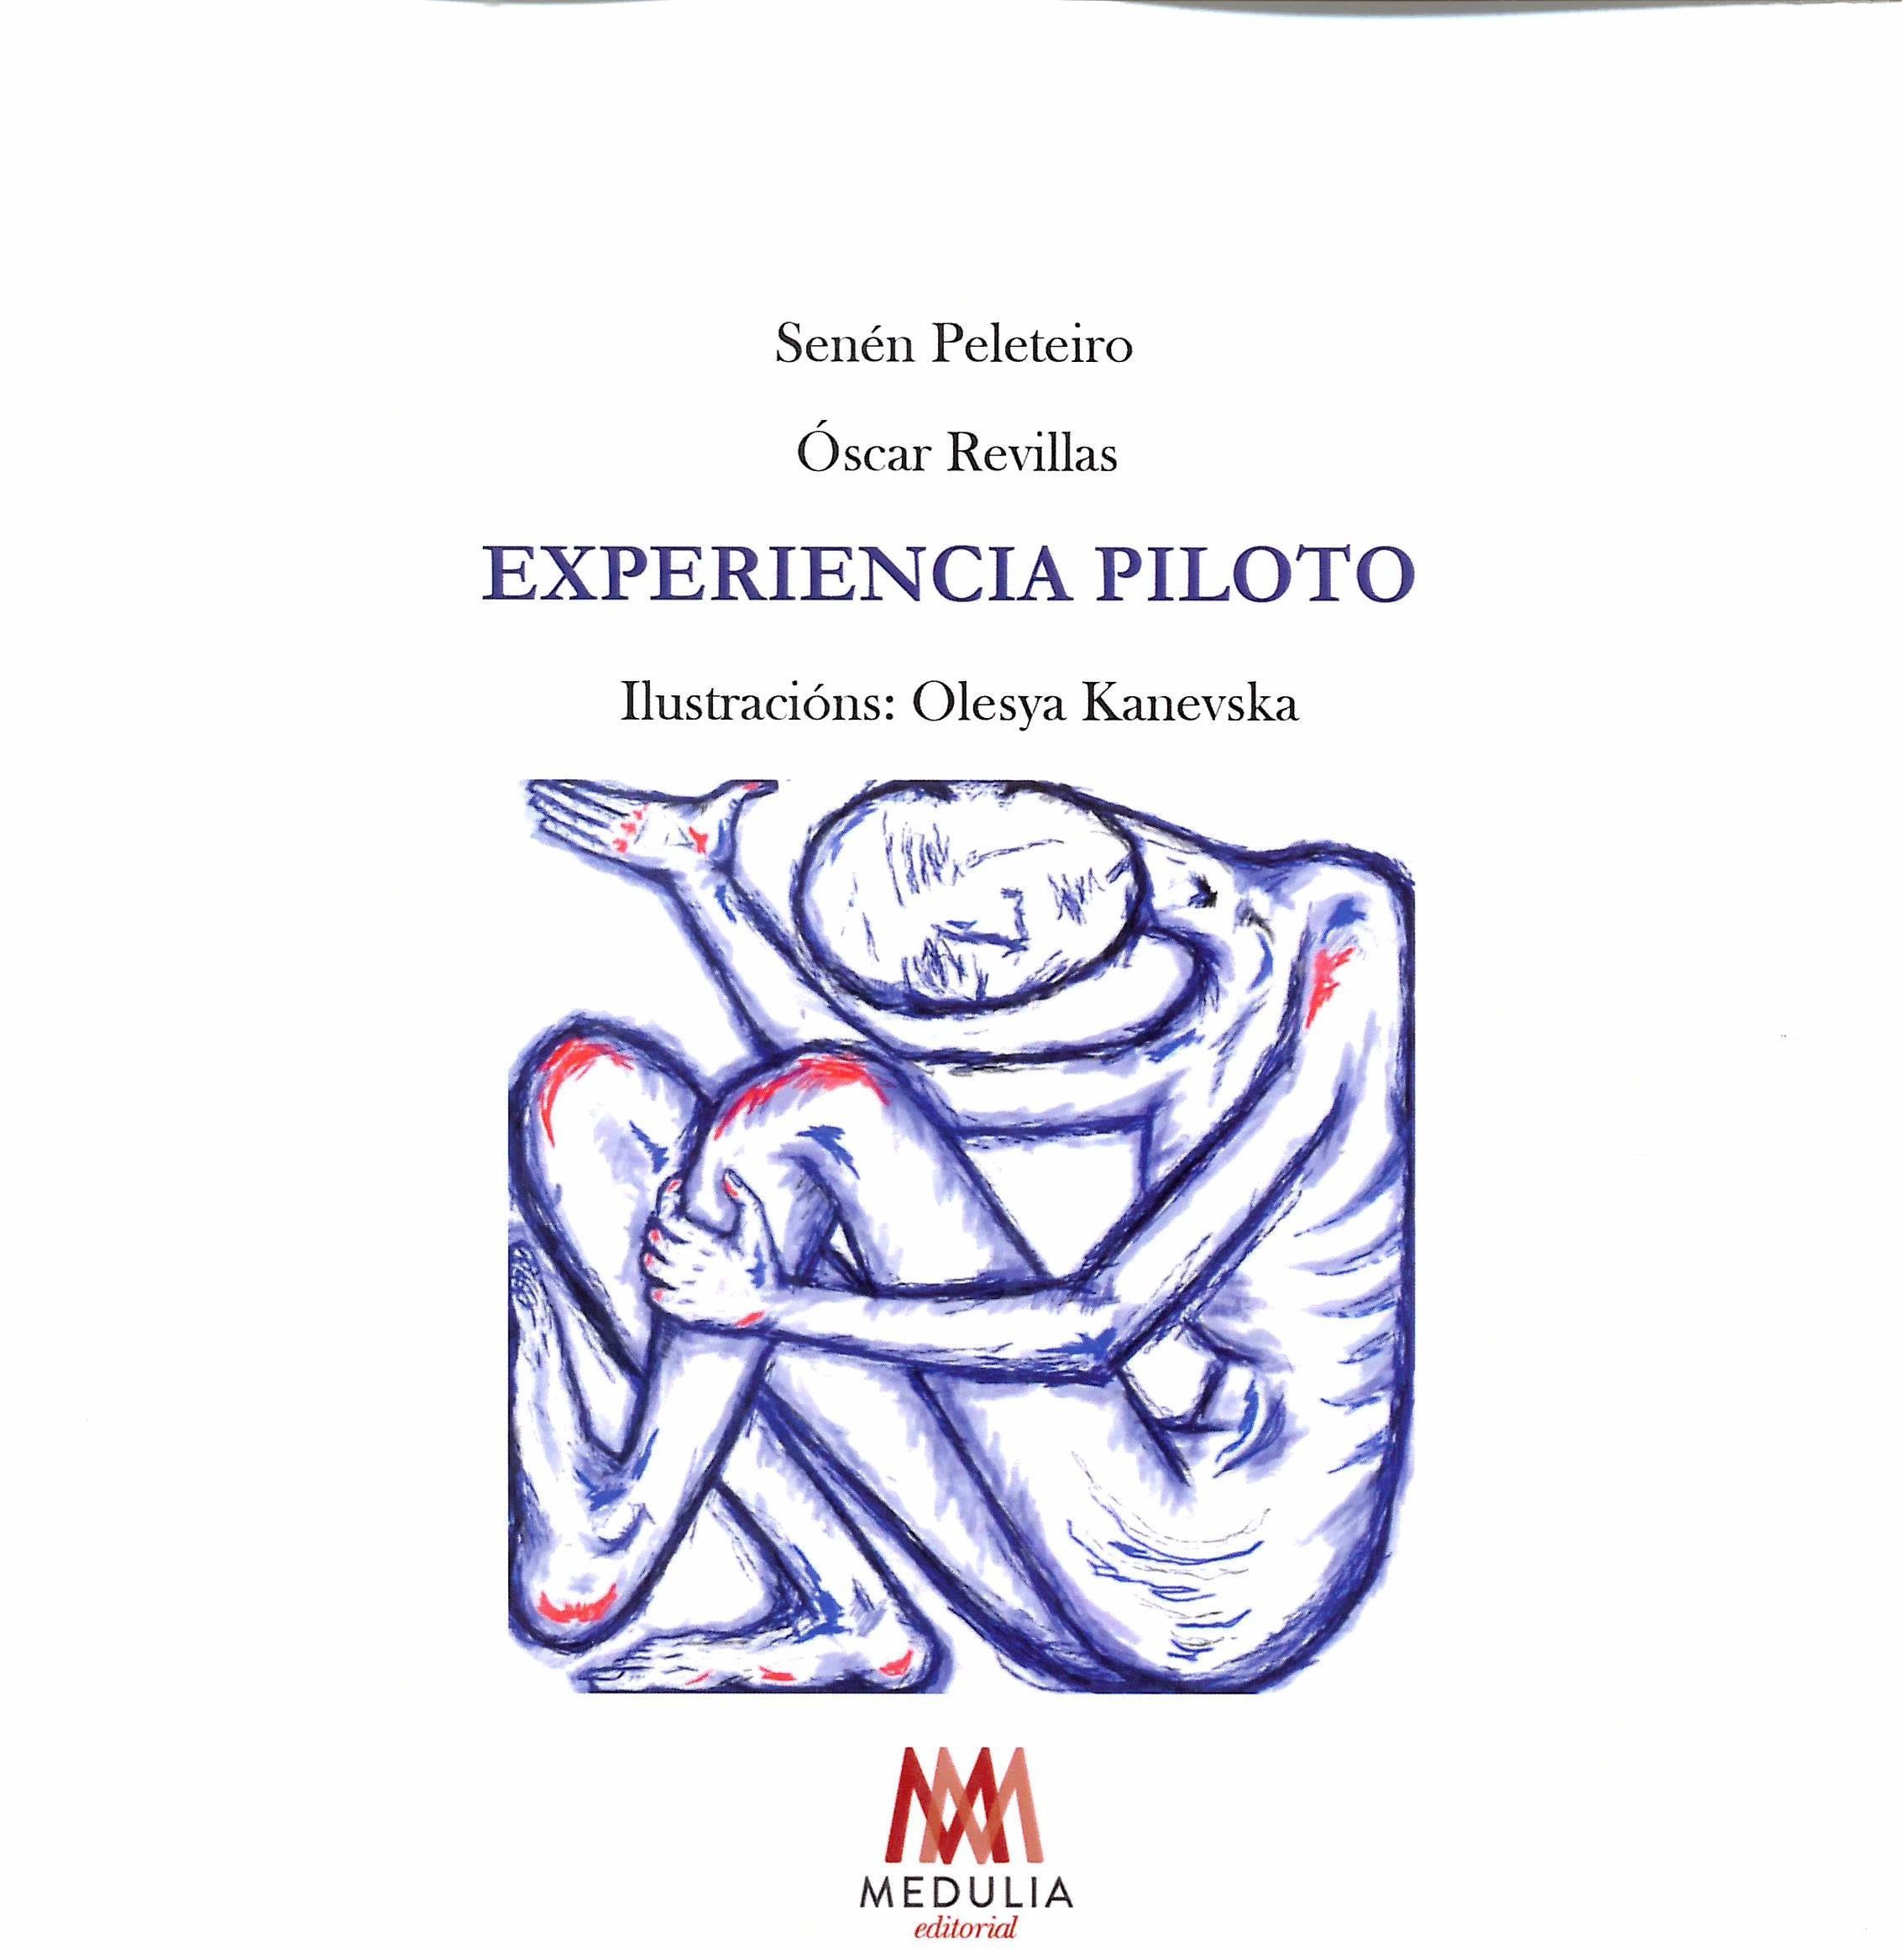 EXPERIENCIA PILOTO